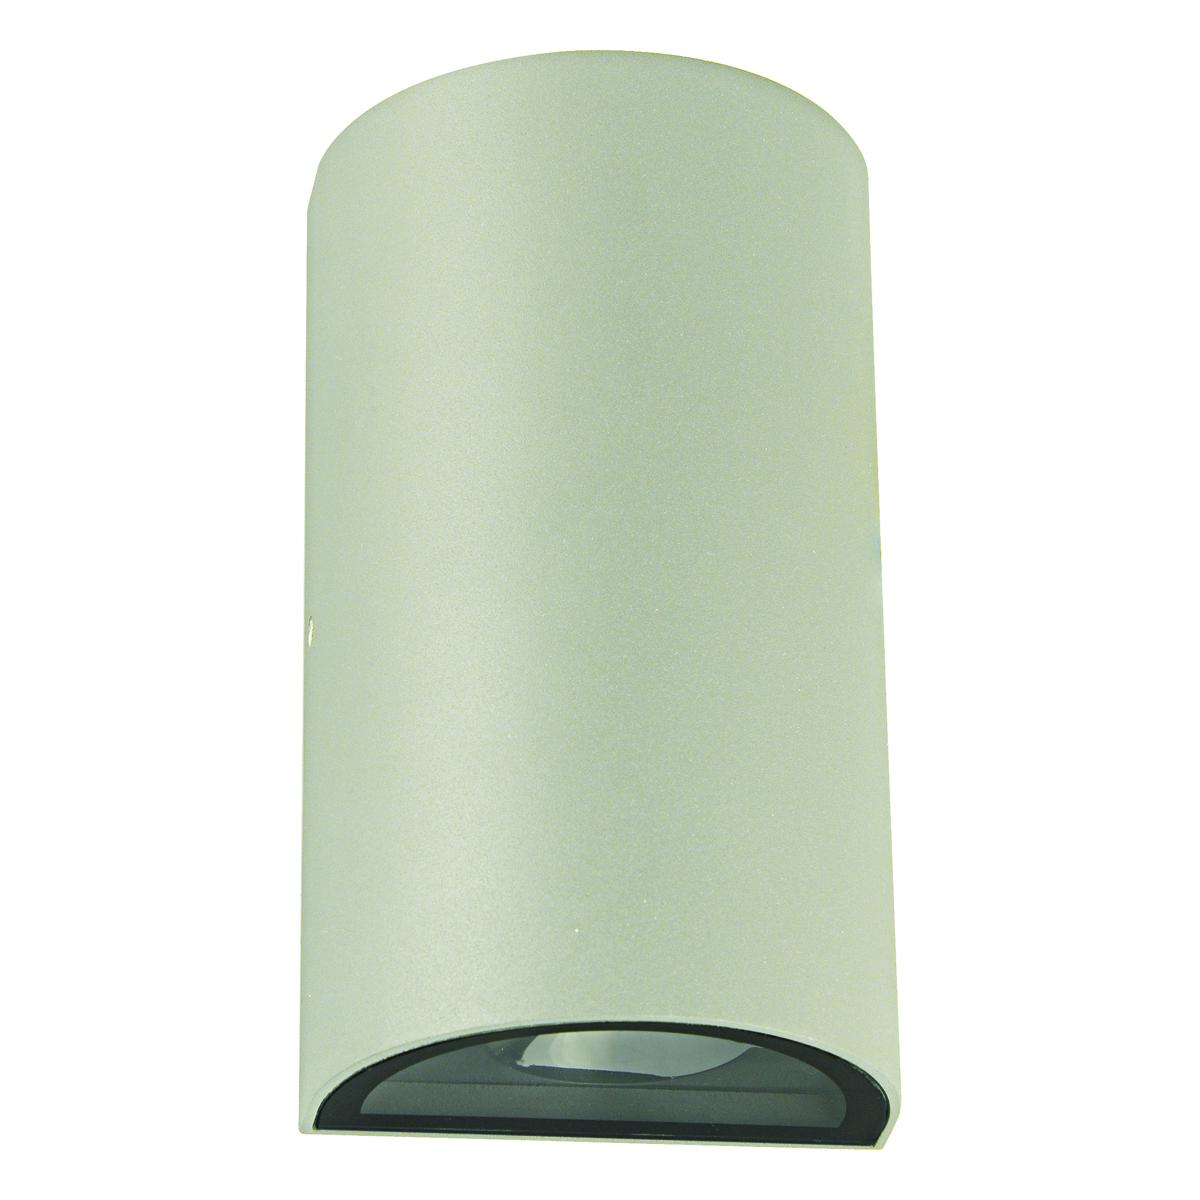 Zimbo Round LED Integrated External Light White